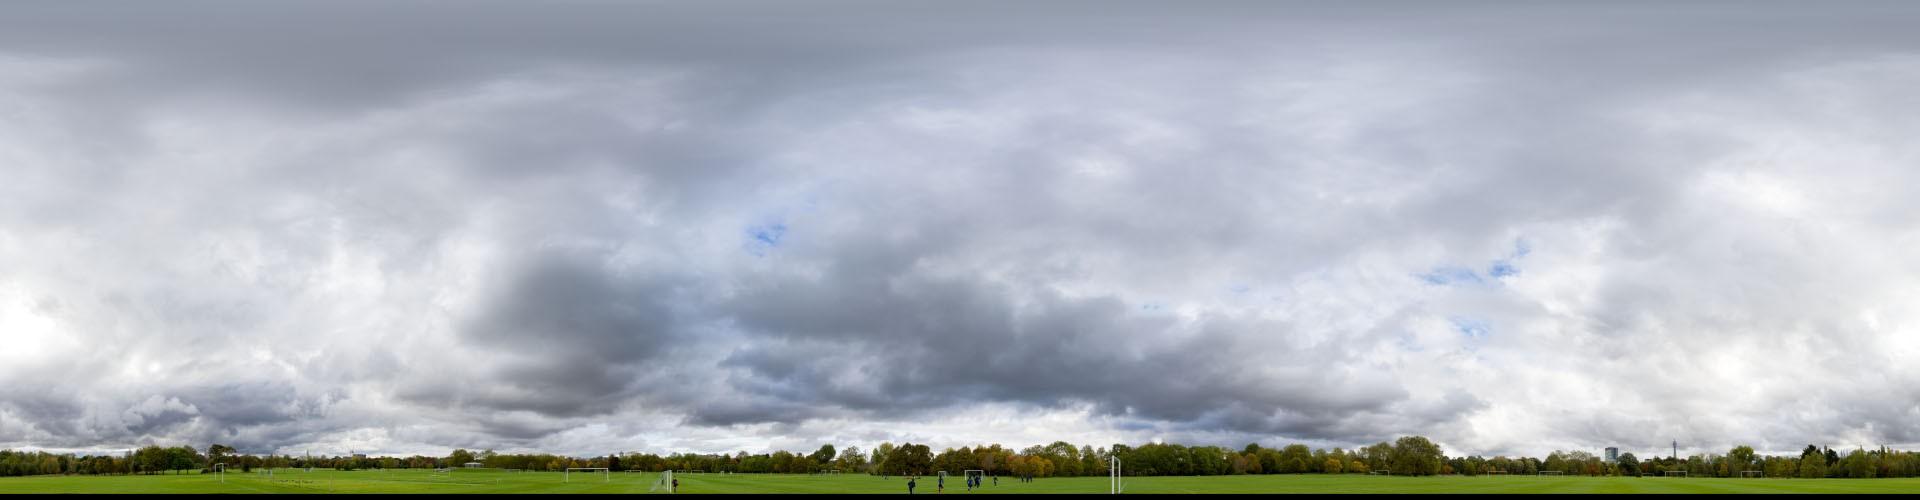 Heavy Clouds 6415 (30k) HDRI